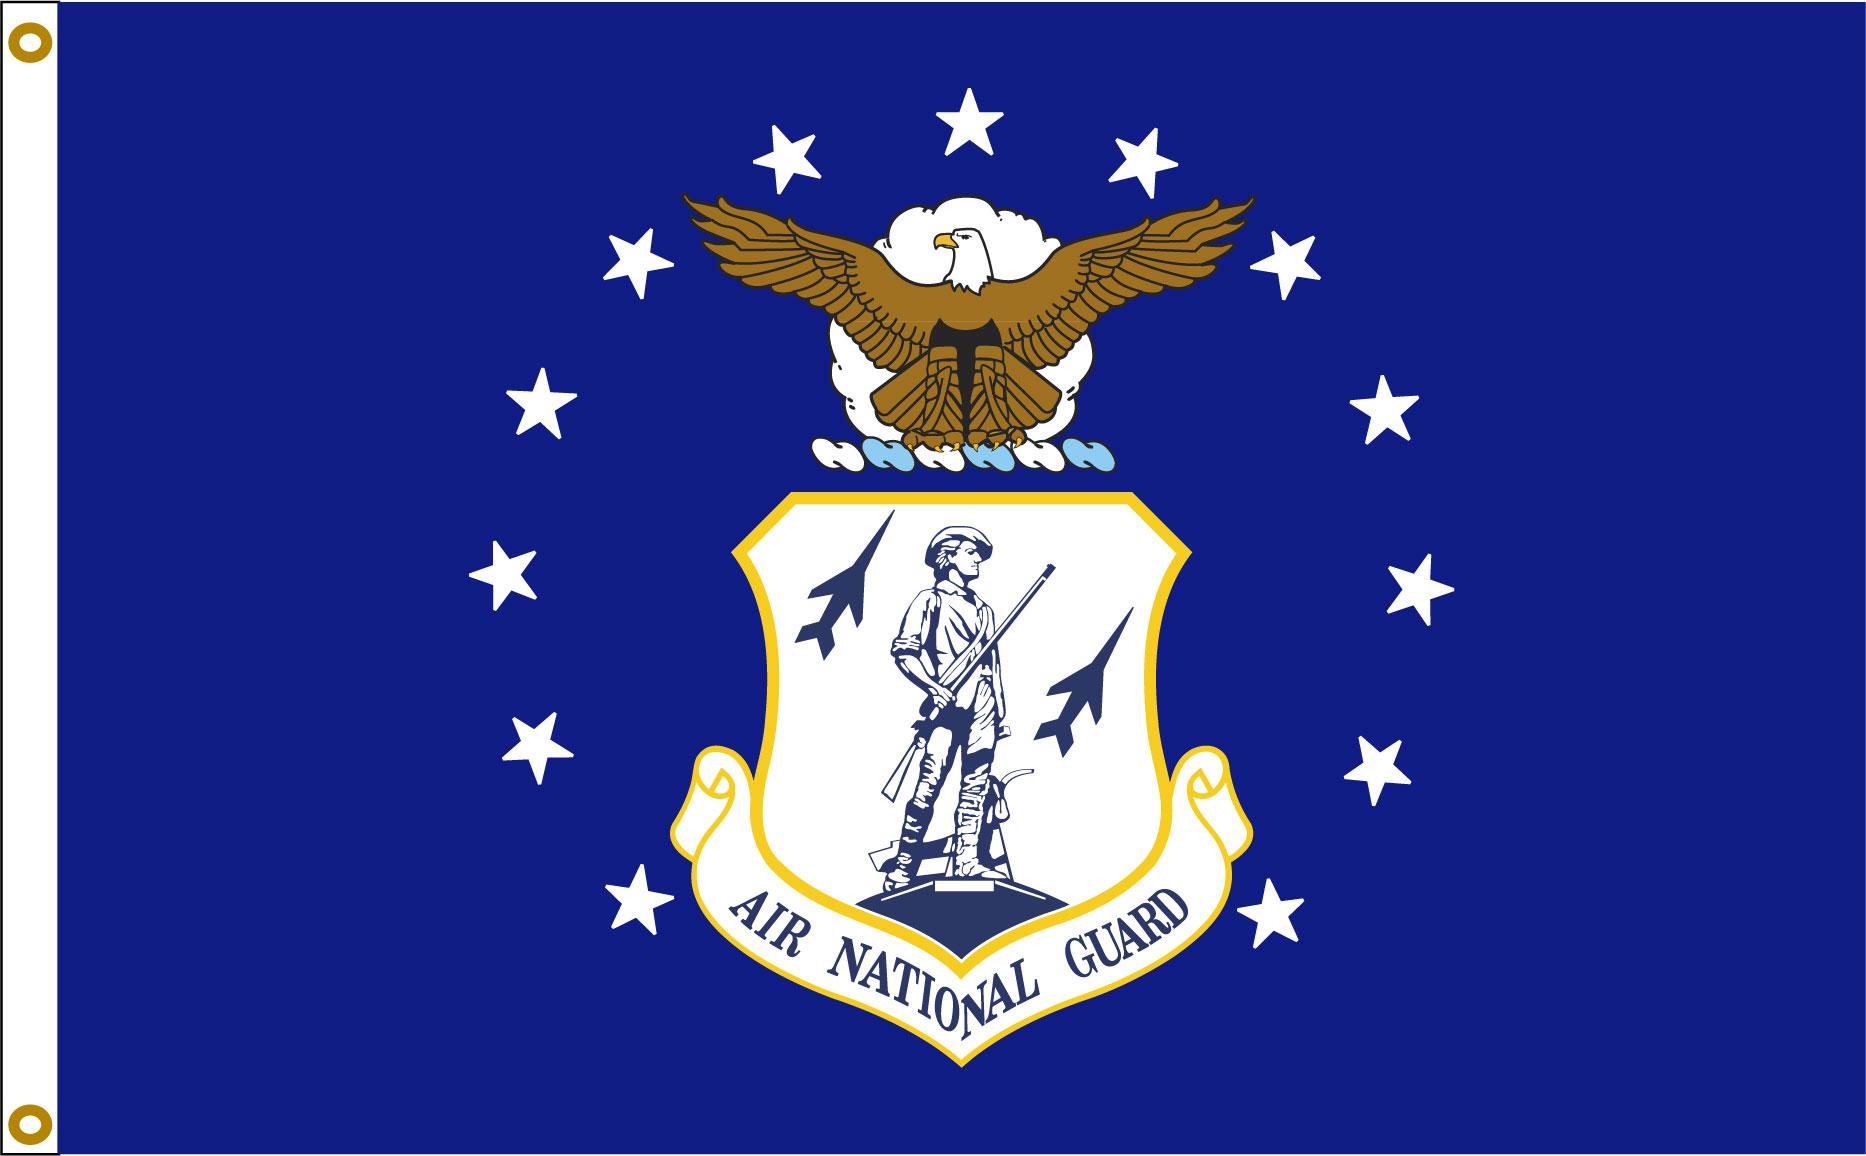 Air National Guard 3_5 flag